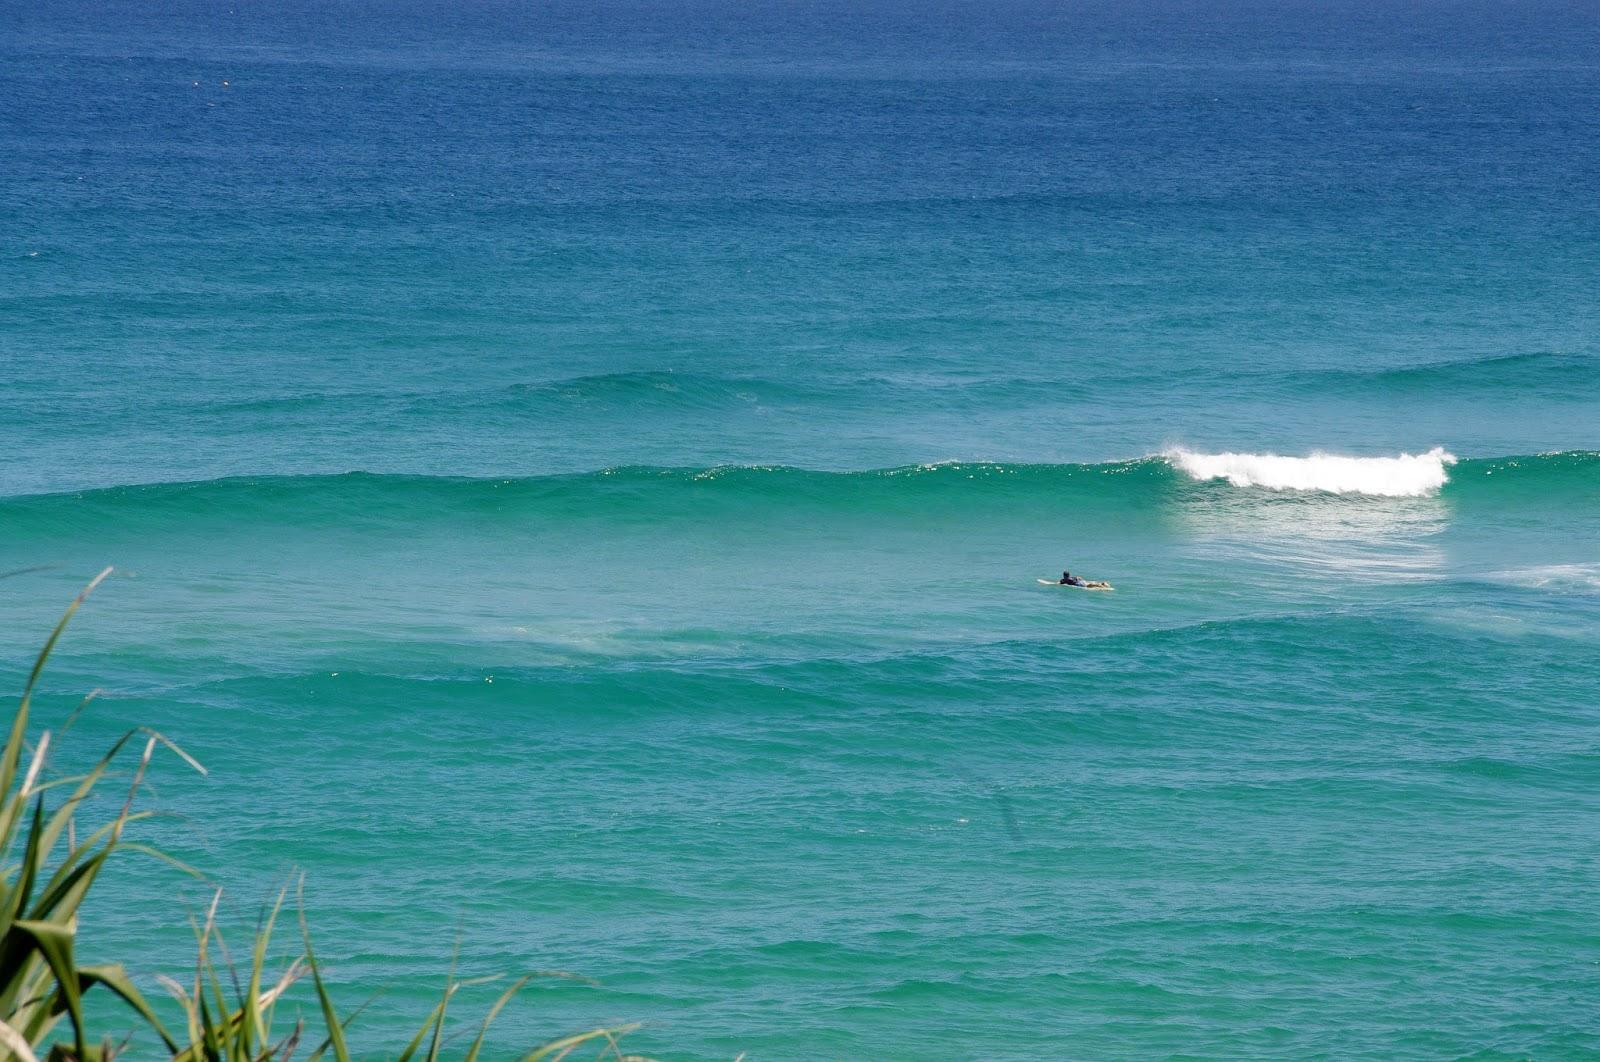 Surfer and Waves at Main Beach Stradbroke Island